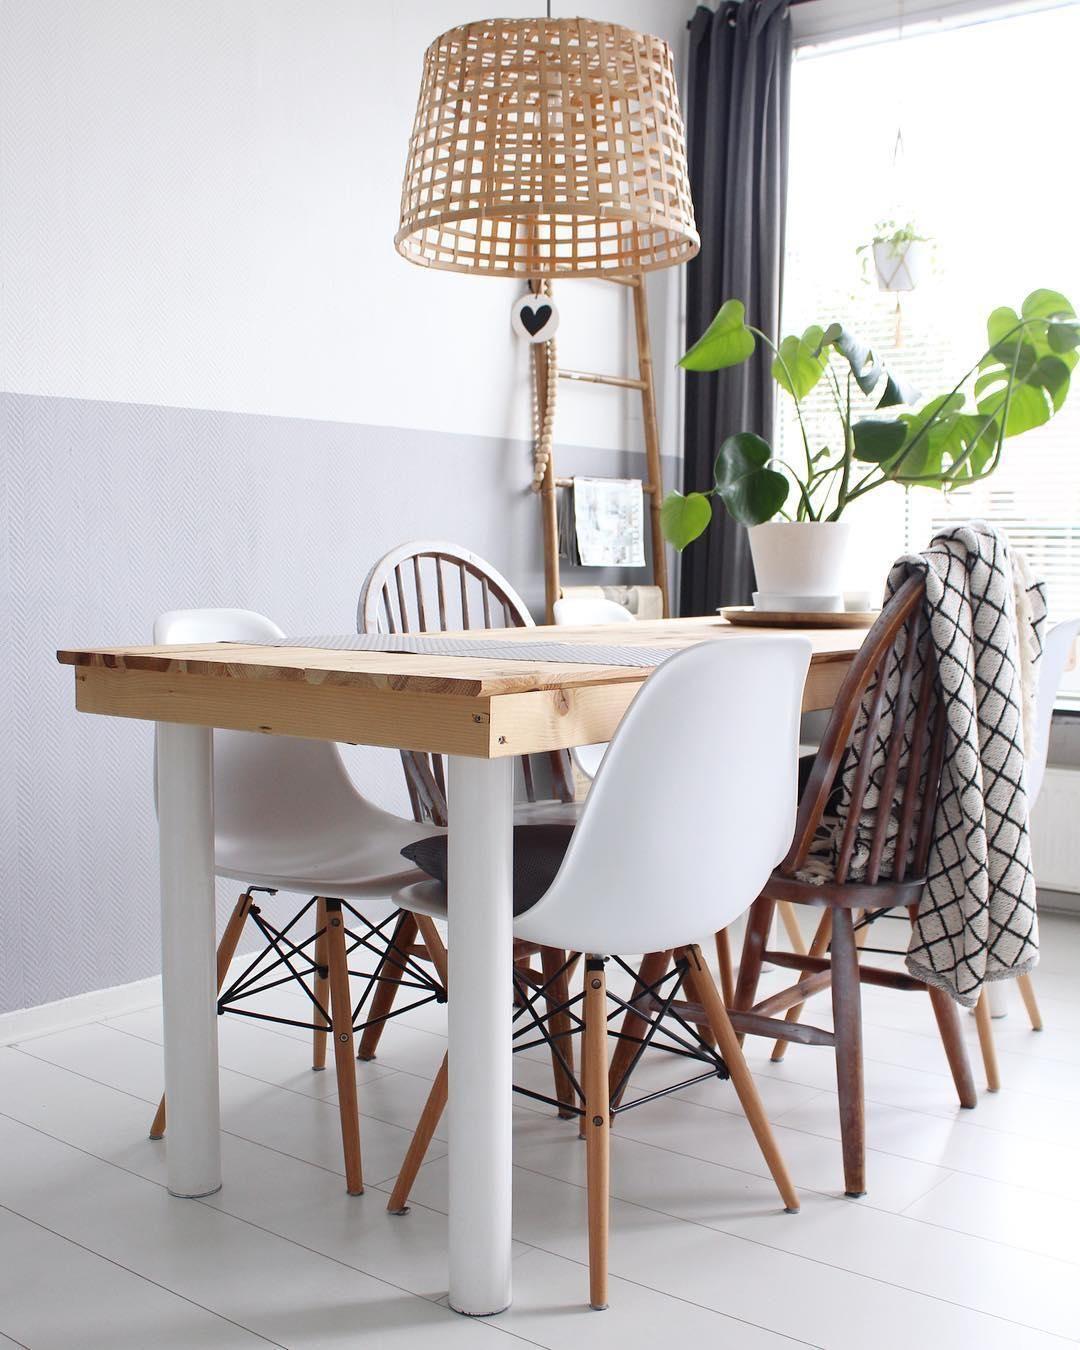 natural vibes mit einem esstisch und st hlen aus holz kommt natur pur in das esszimmer der. Black Bedroom Furniture Sets. Home Design Ideas